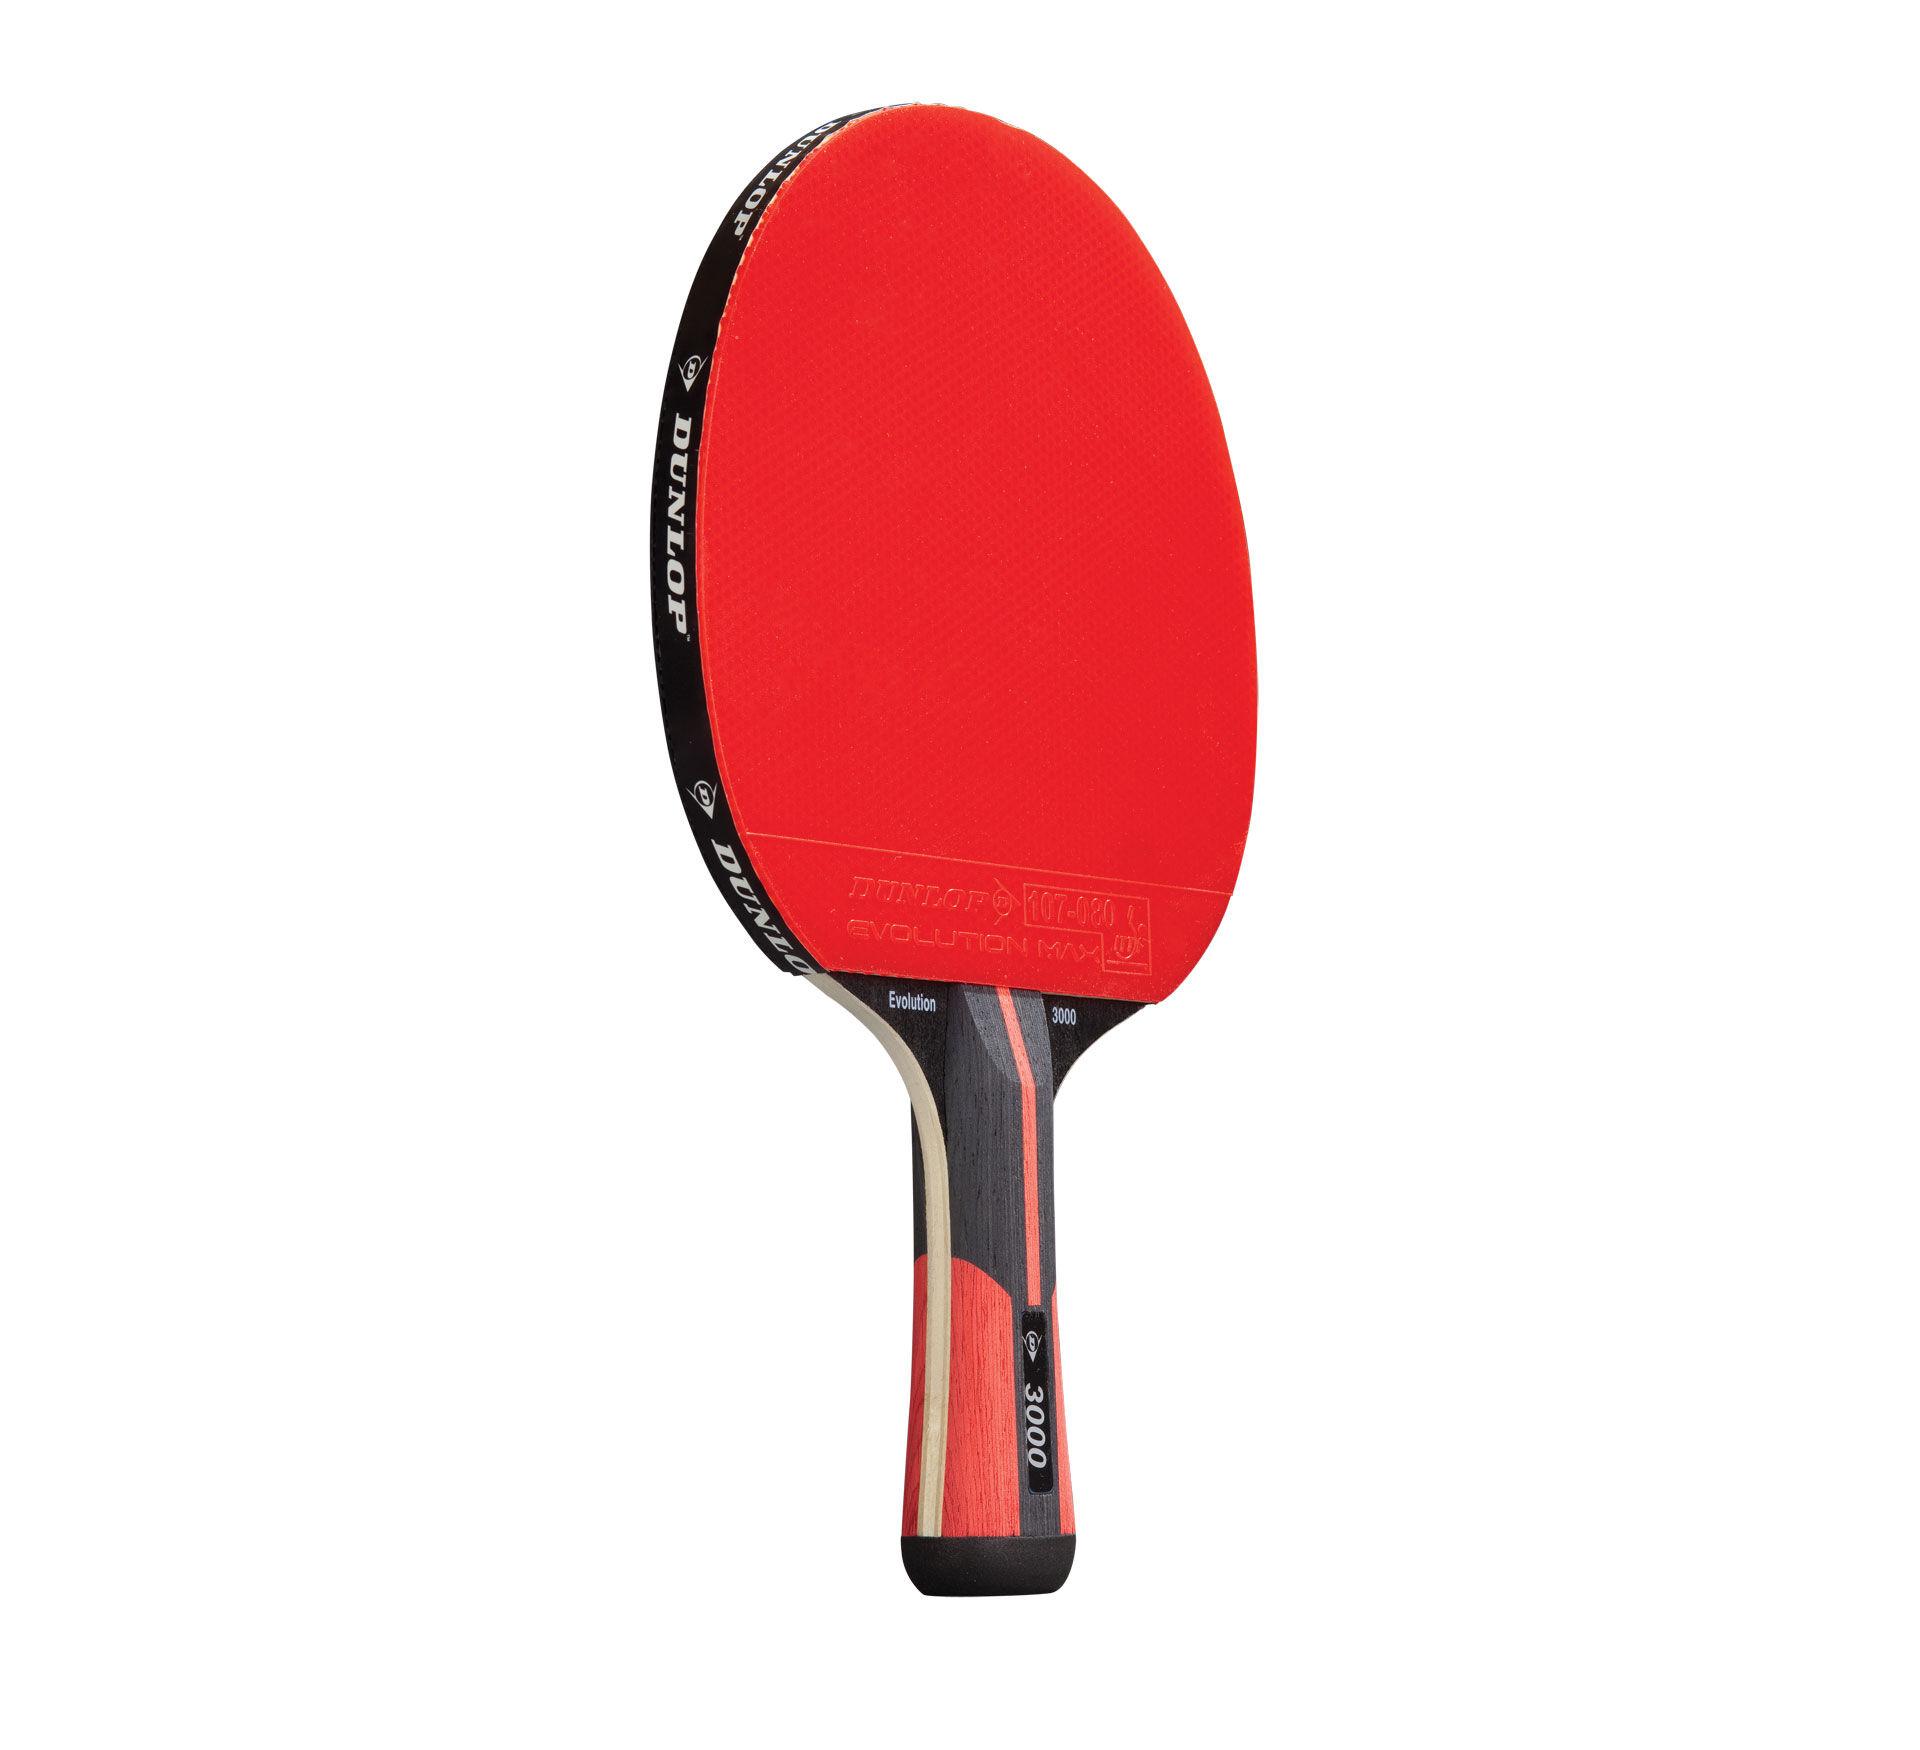 Dunlop Evolution 3000 tennis de table